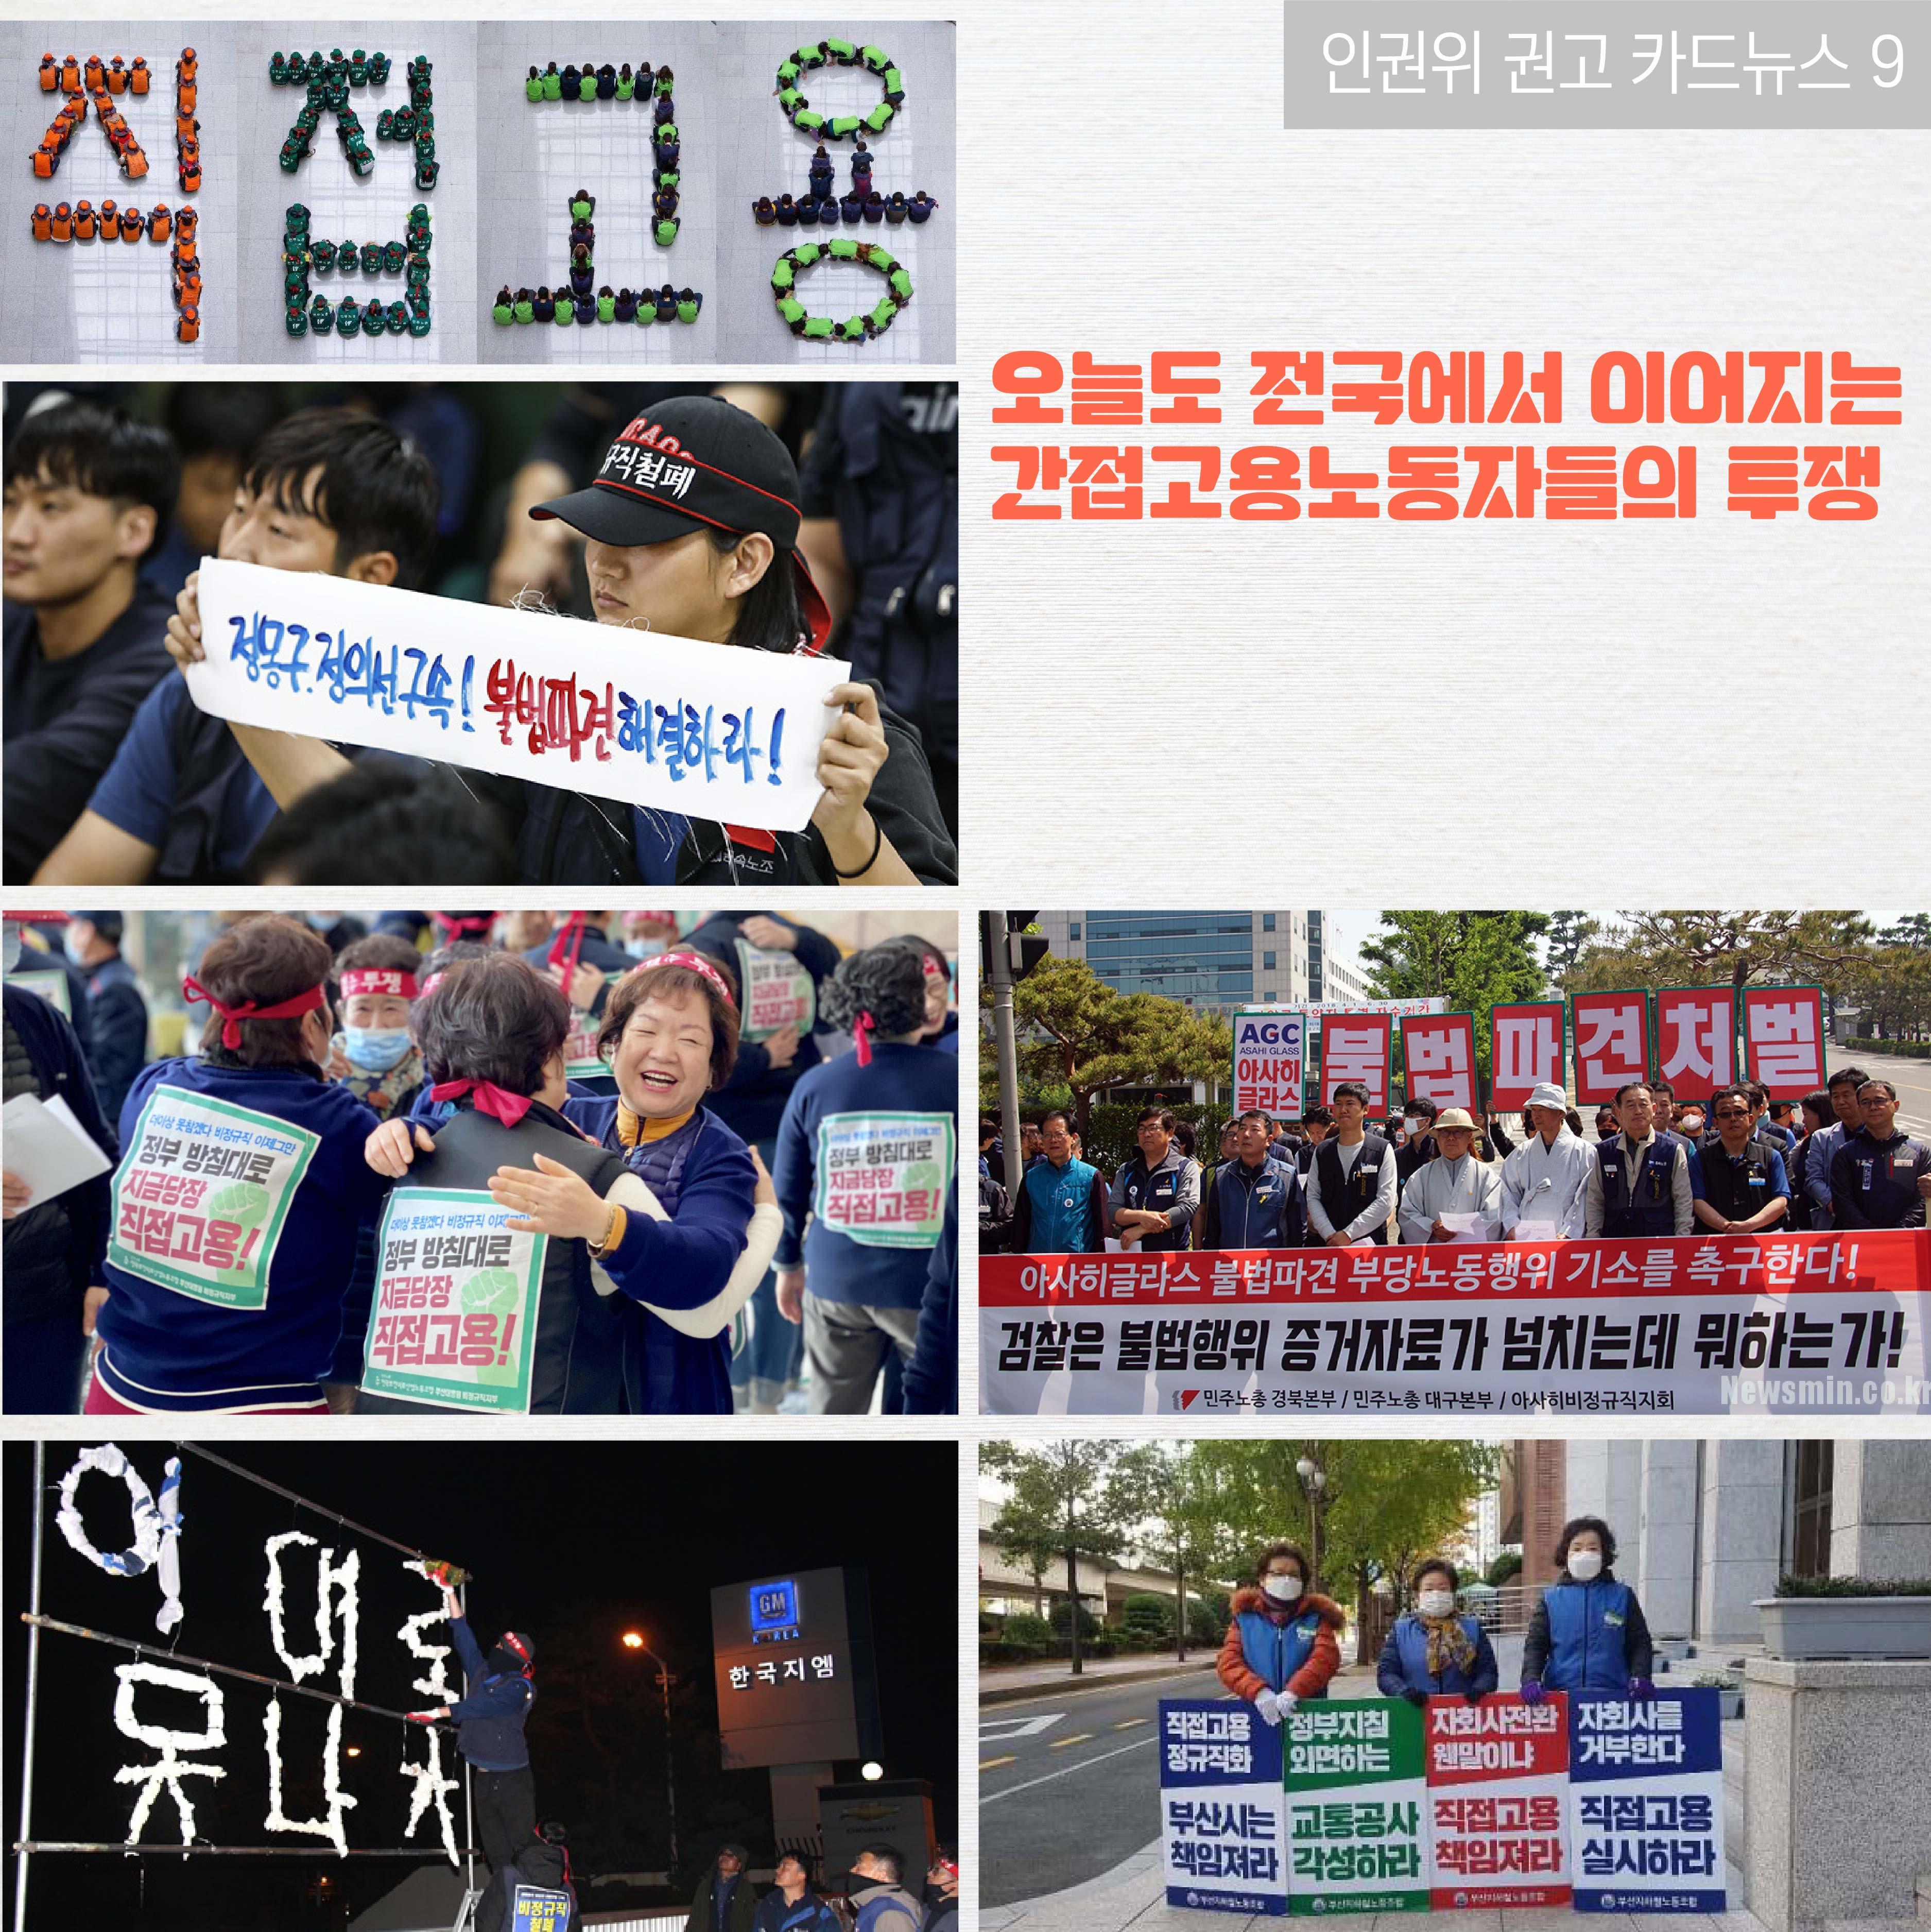 인권위권고카드뉴스-09.jpg